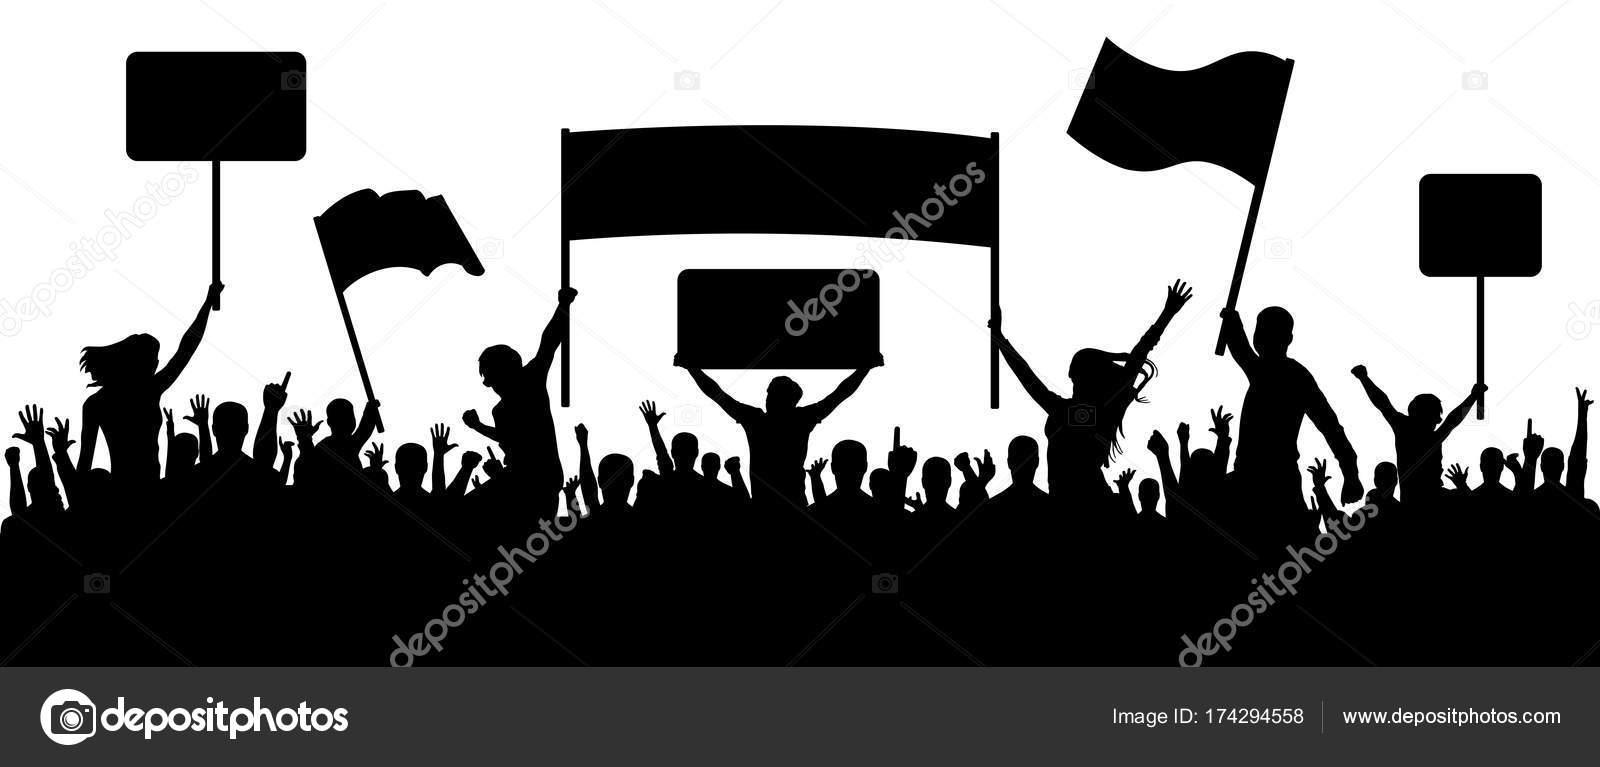 Multitud De Gente Silueta: Gente Furiosa Multitud Con Banderas, Protestando, Silueta